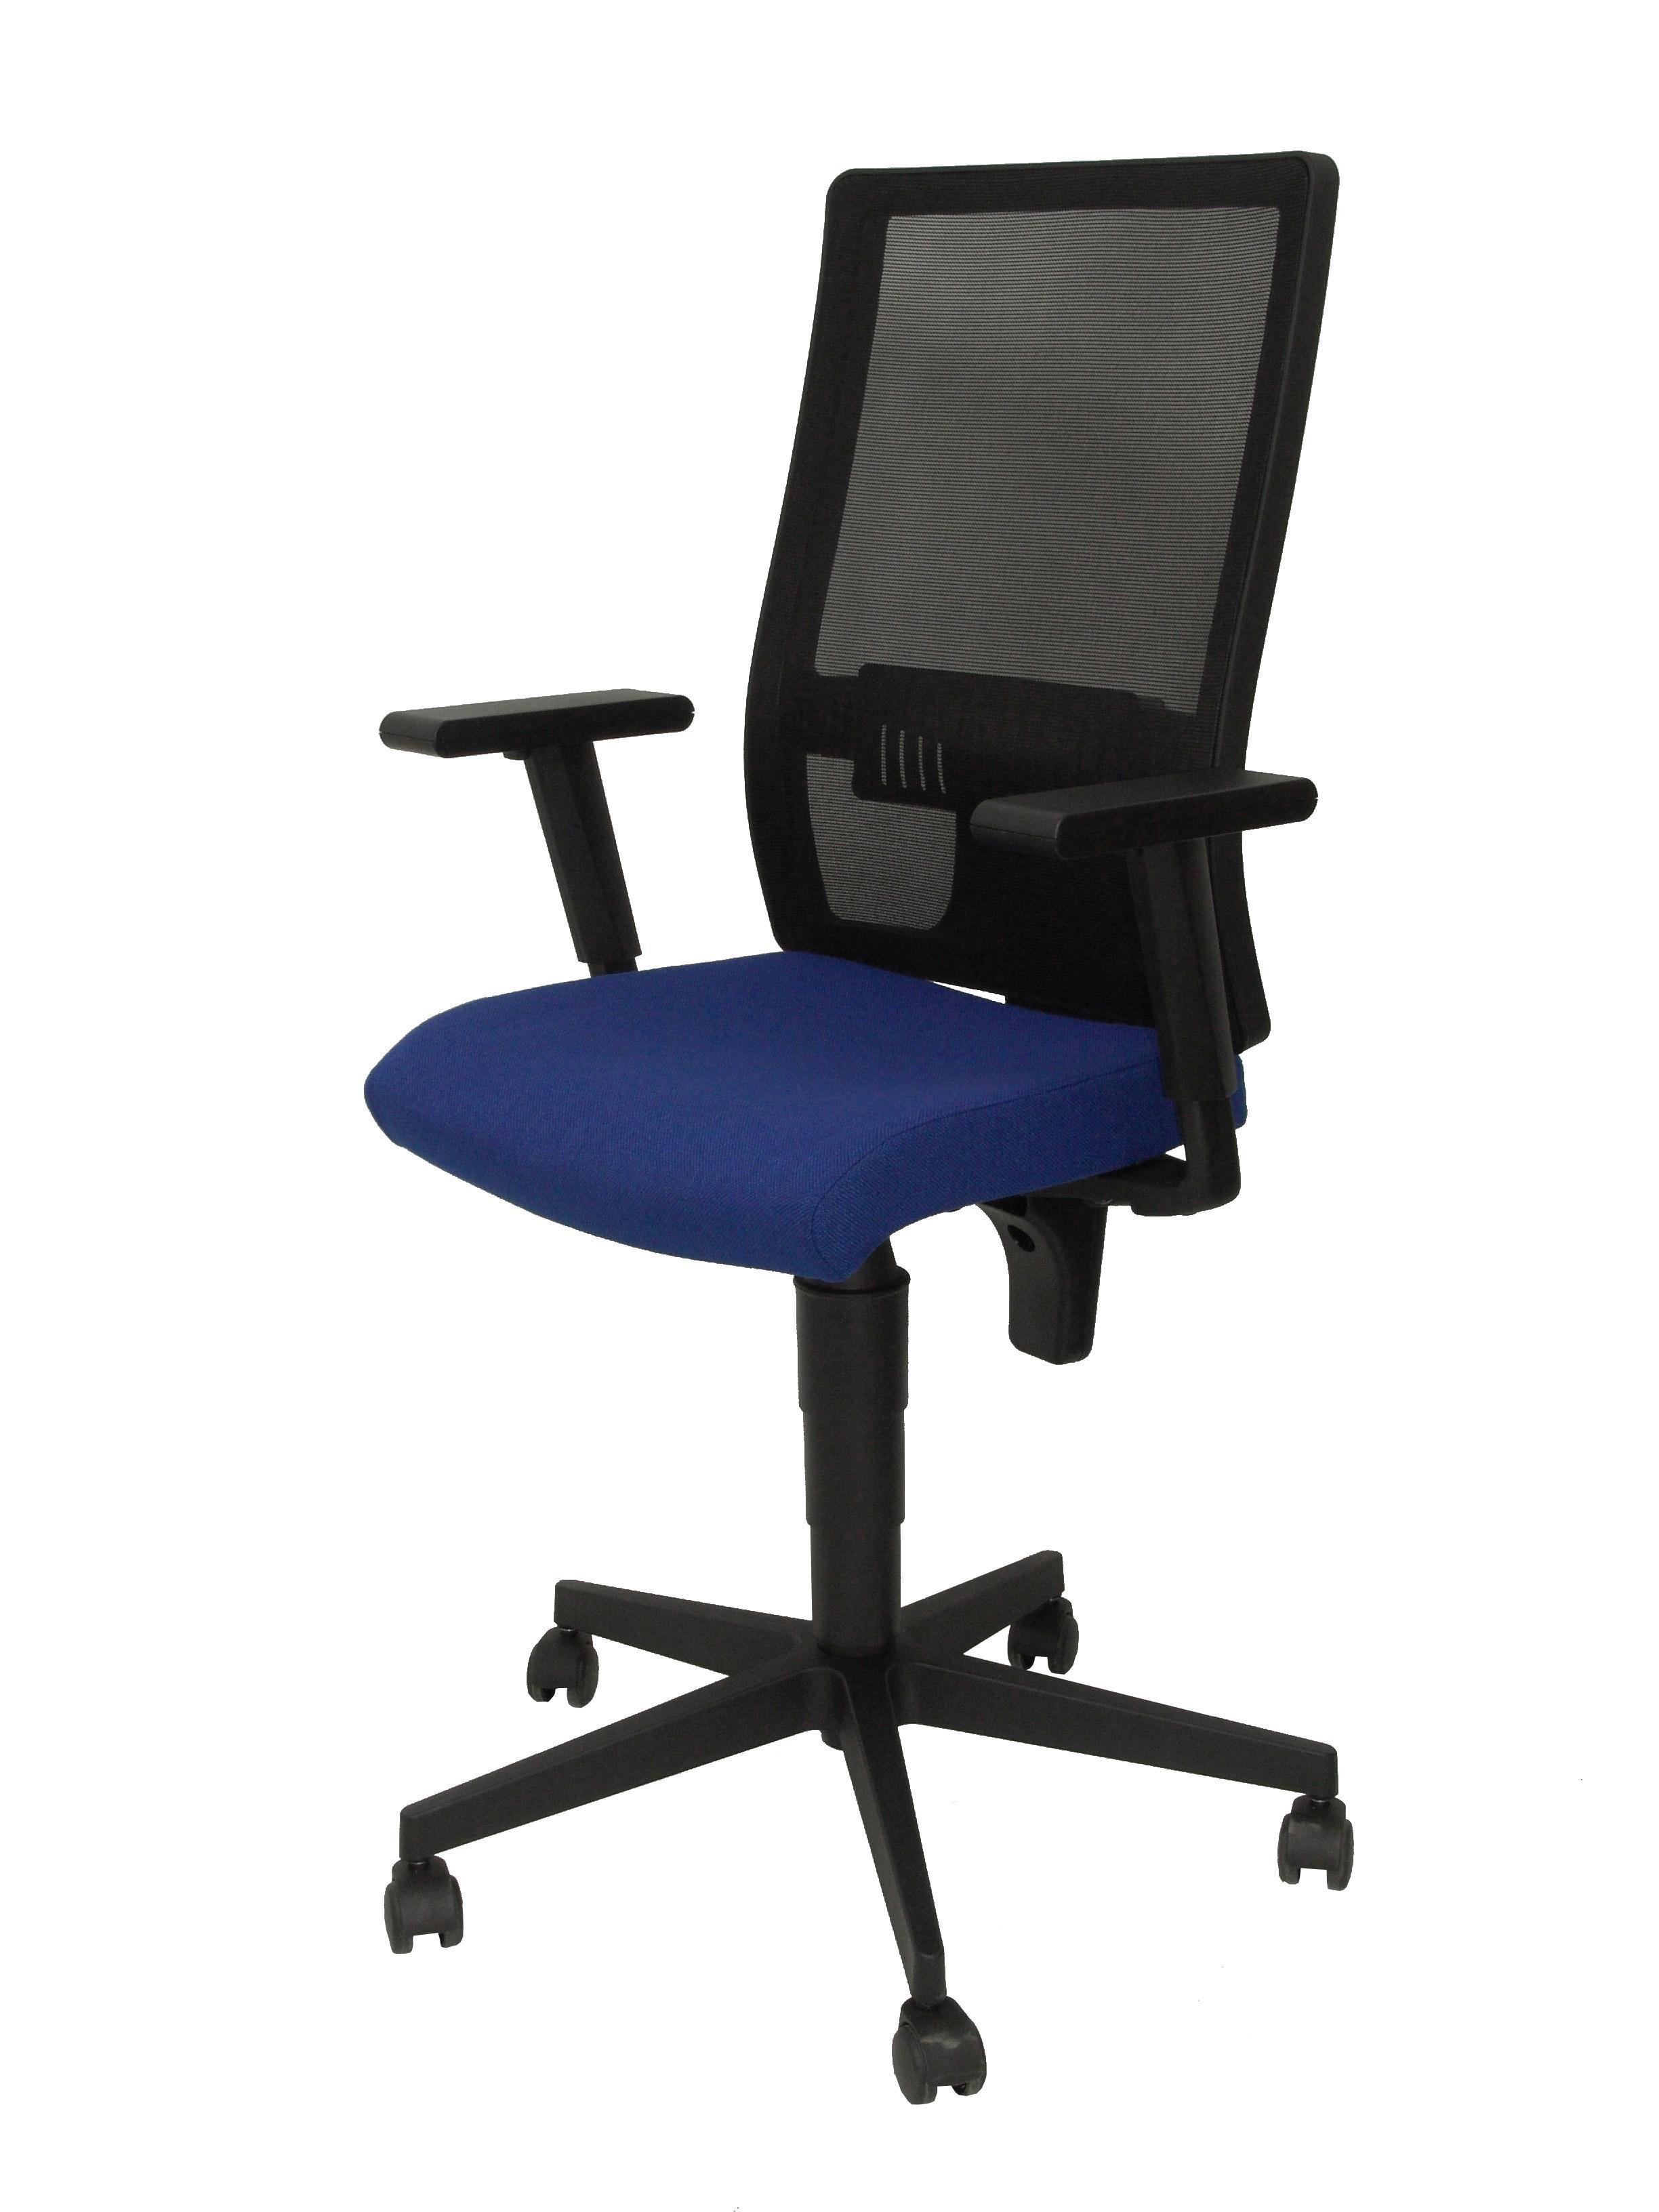 Silla povedilla respaldo malla negro asiento bali azul for Asiento silla oficina